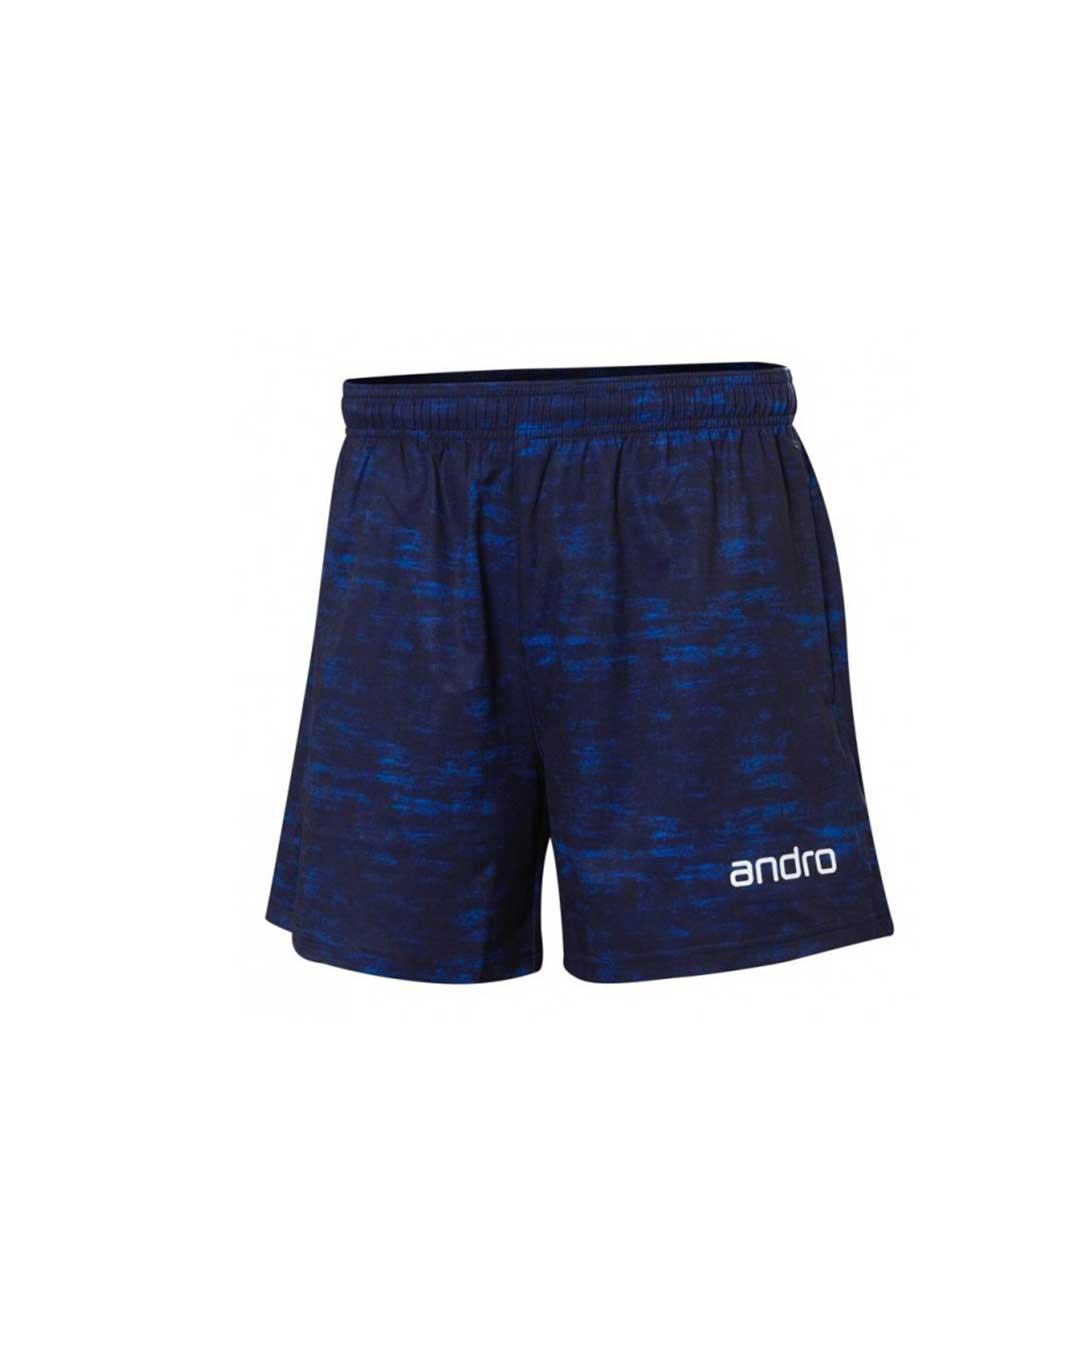 Short Andro Clark azul oscuro